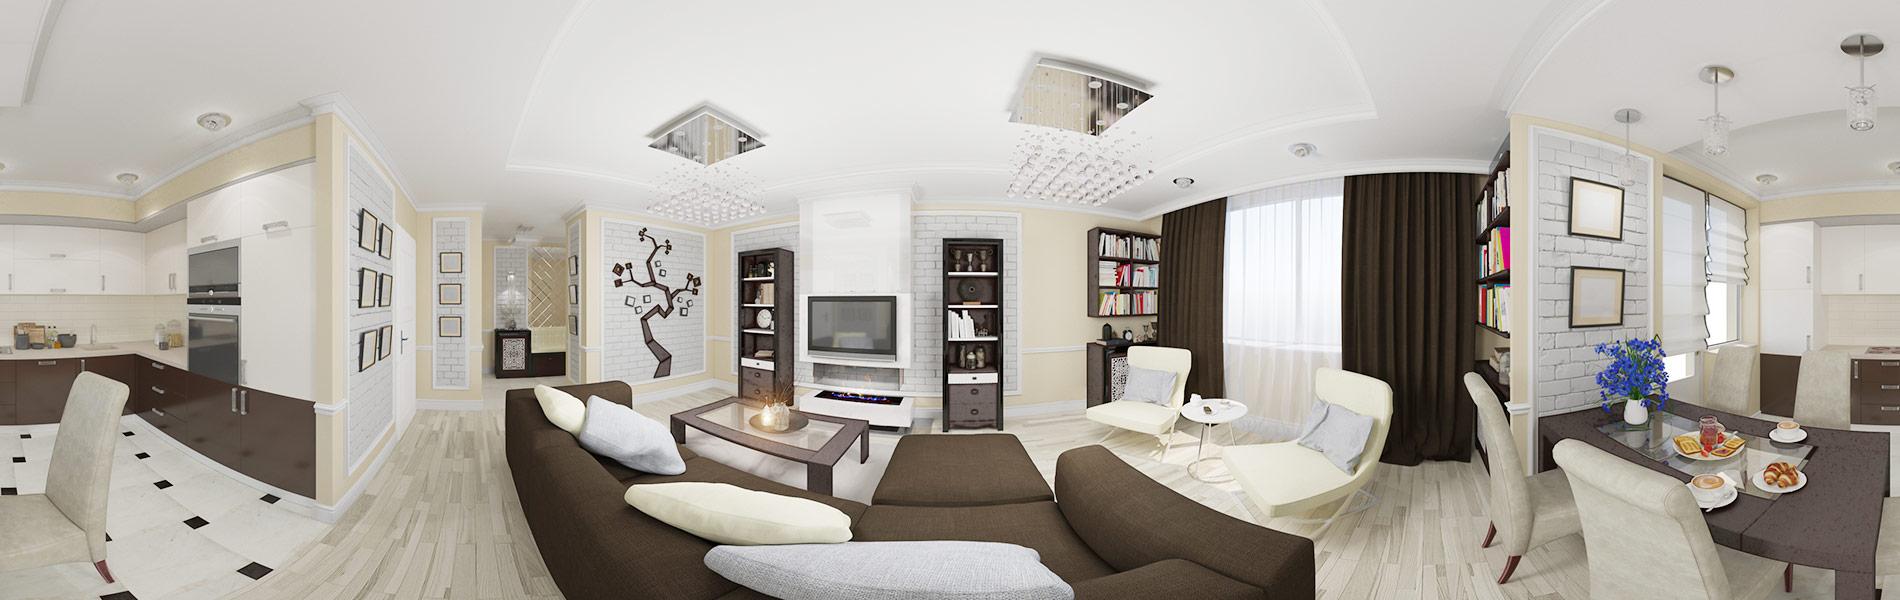 360 Grad Foto einer Wohnung